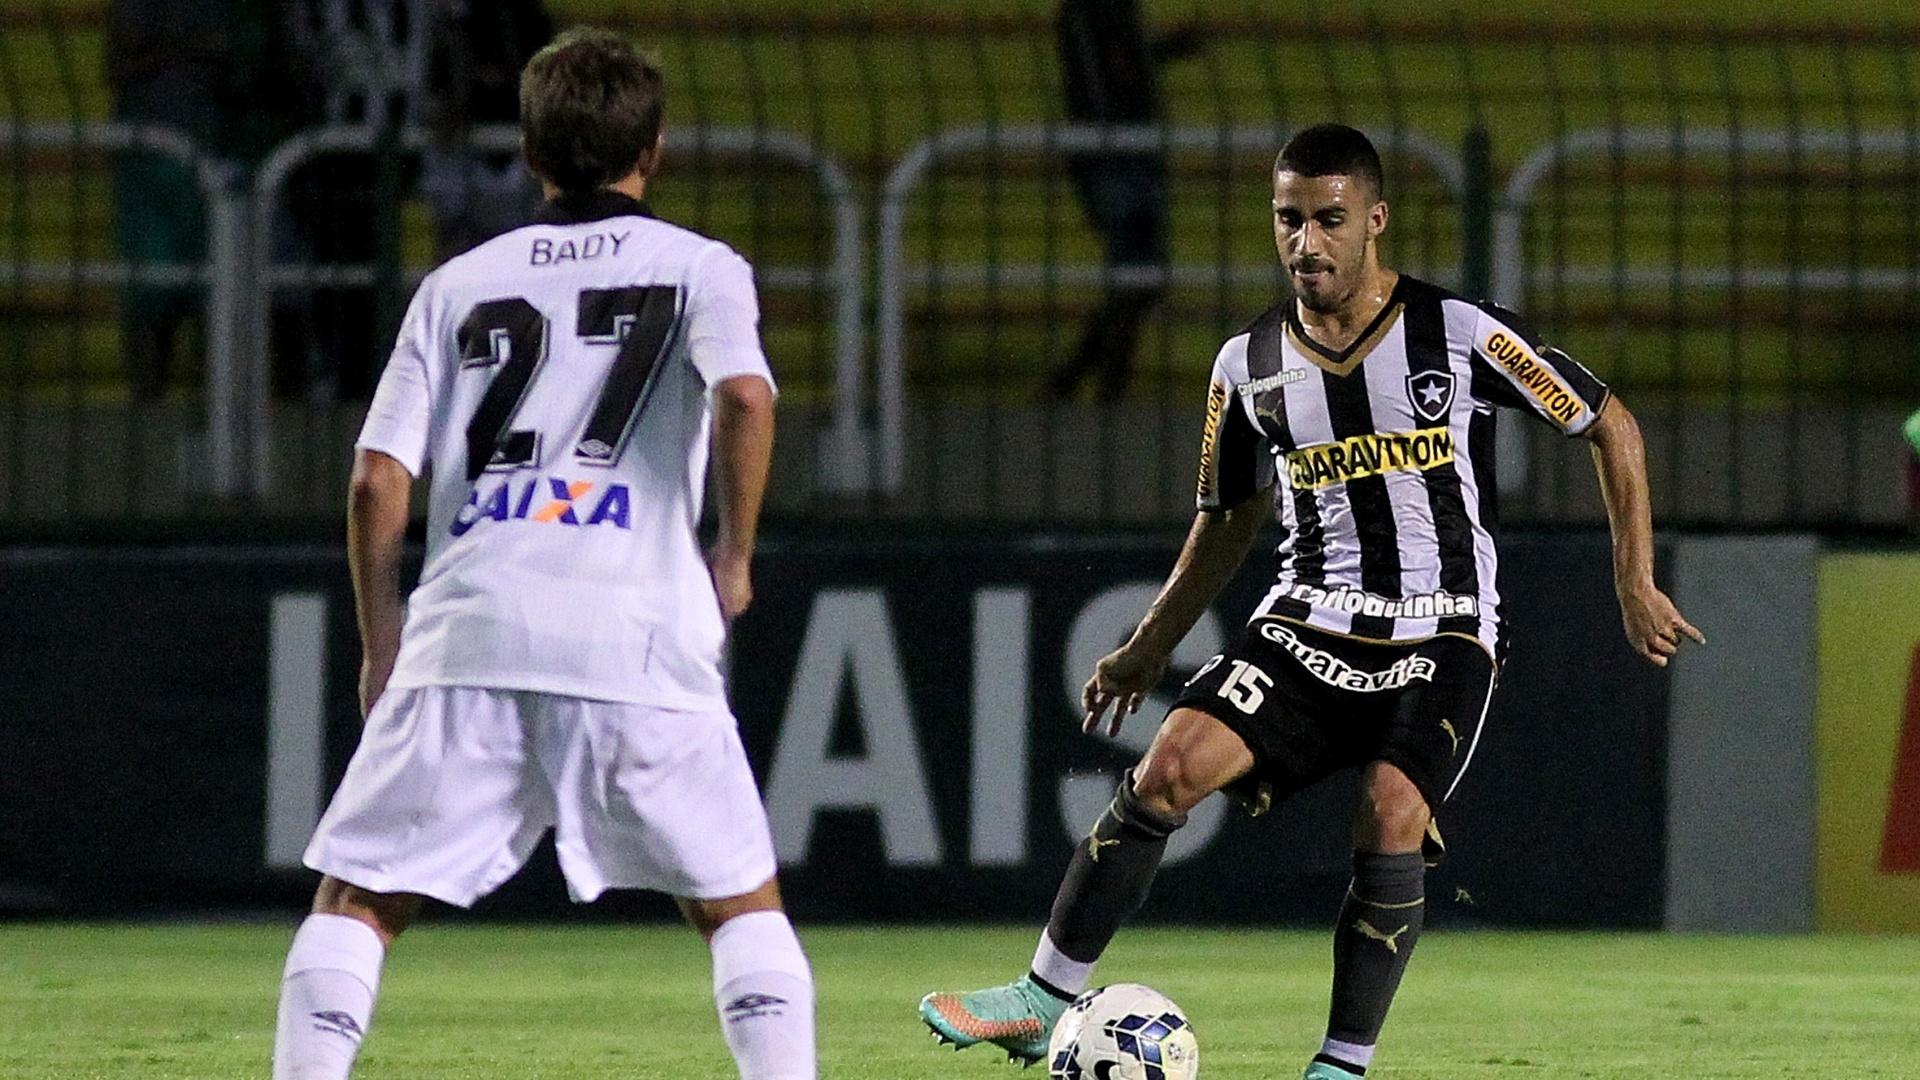 Gabriel, do Botafogo, é marcado por Bady, do Atlético-PR, durante derrota do Glorioso diante do Furacão neste sábado em Volta Redonda